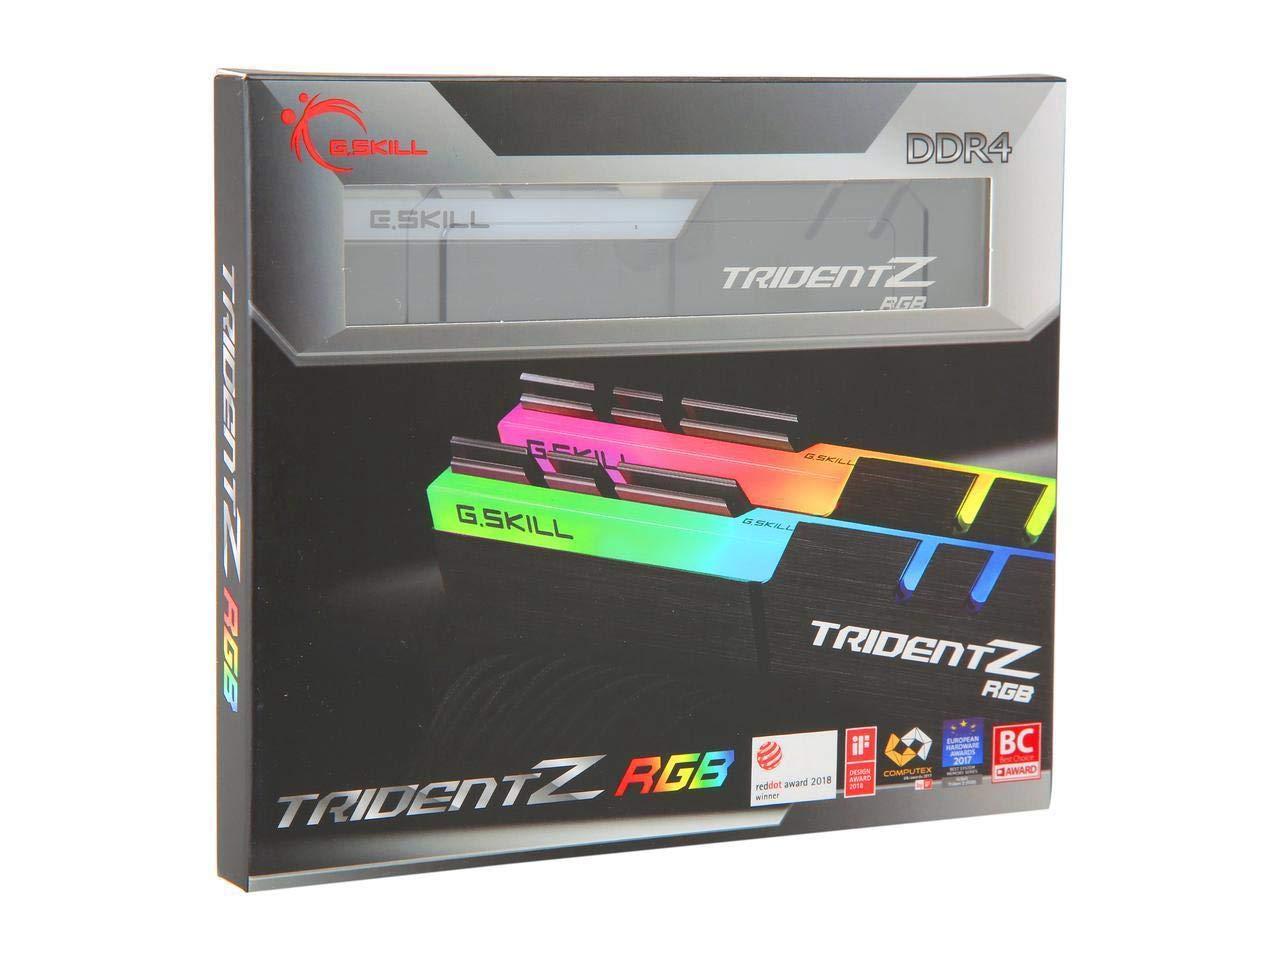 Memoria Ram 16gb G.skill Tridentz Rgb Series (2 X 8gb) 288-pin Ddr4 Sdram Ddr4 3200 (pc4 25600) F4-3200c16d-16gtzrx